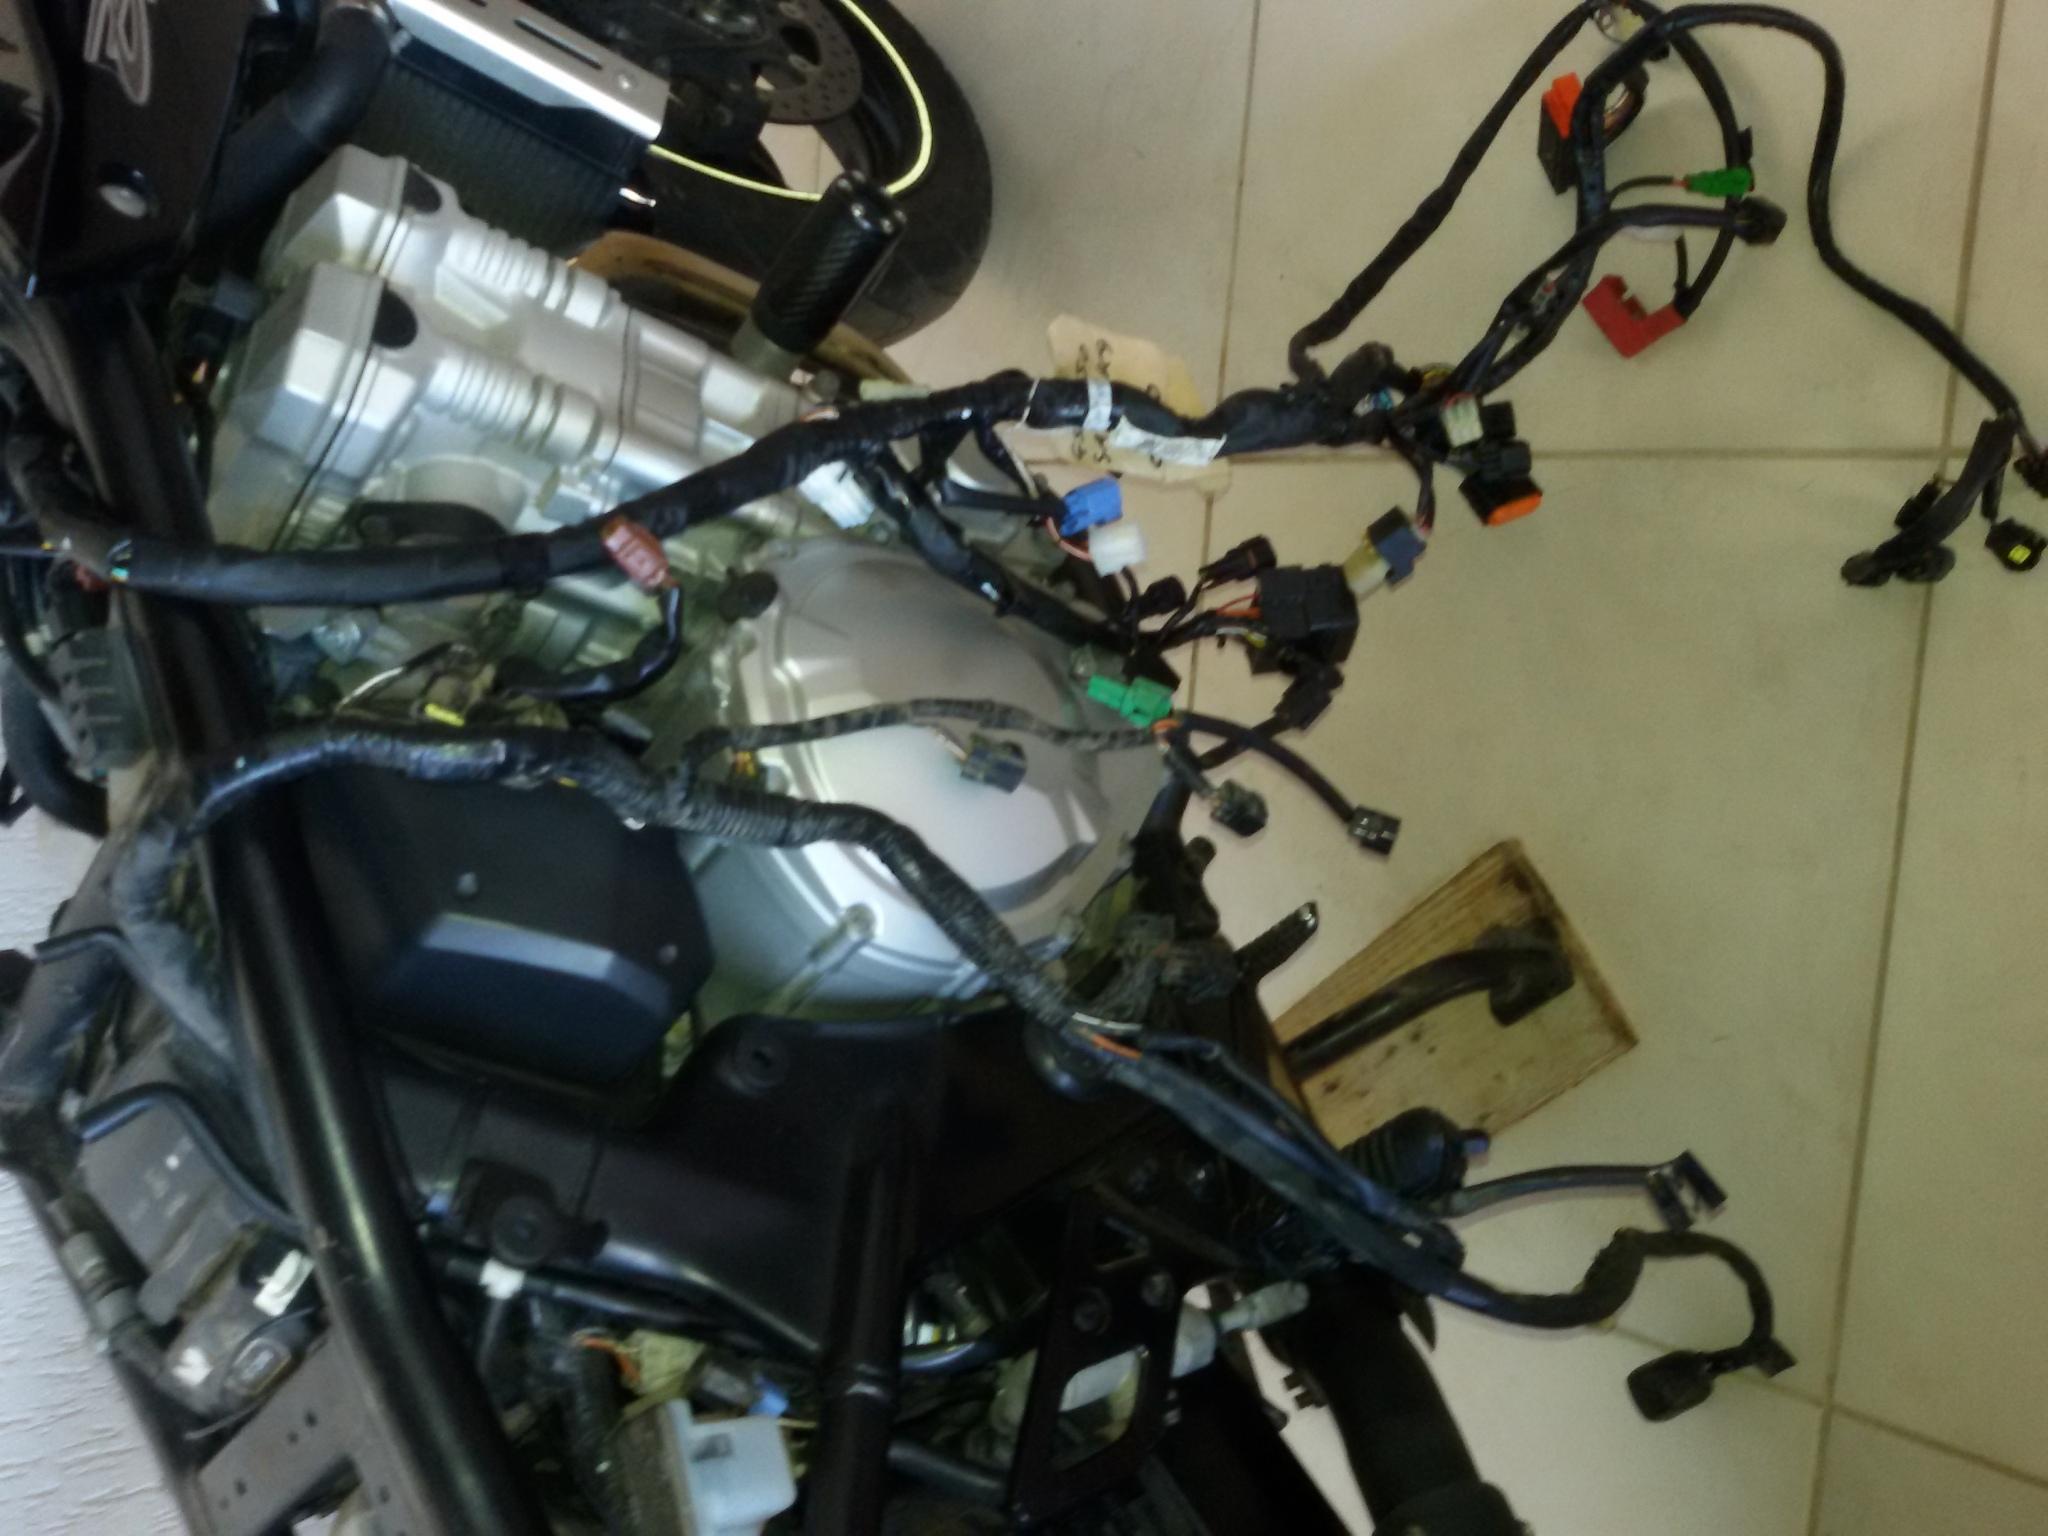 1ª BANDIT 650ie 09/10 DO BRASIL COM FREIO ABS 20poeia